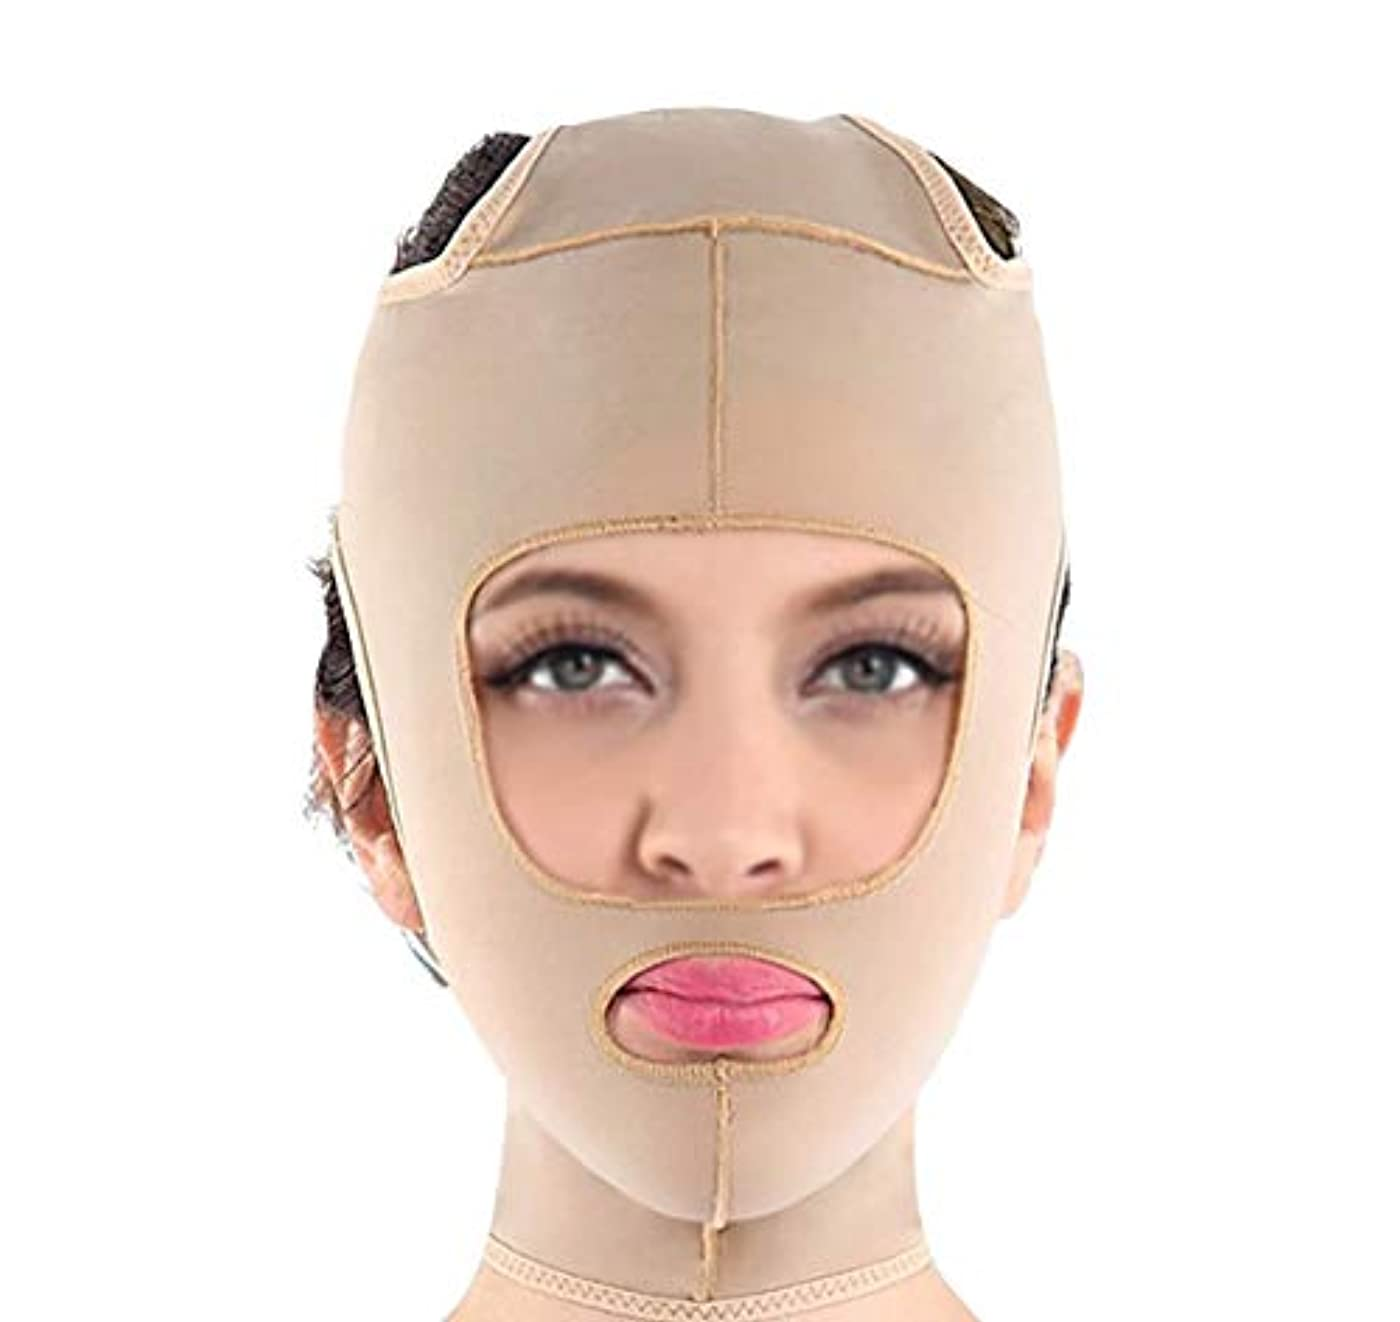 優先権考古学的な過度に包帯vフェイス楽器フェイスマスクマジックフェイスフェイシャル引き締めフェイシャルマッサージフェイシャルリンクルリフティング引き締めプラスチックマスク(サイズ:Xl),Xl